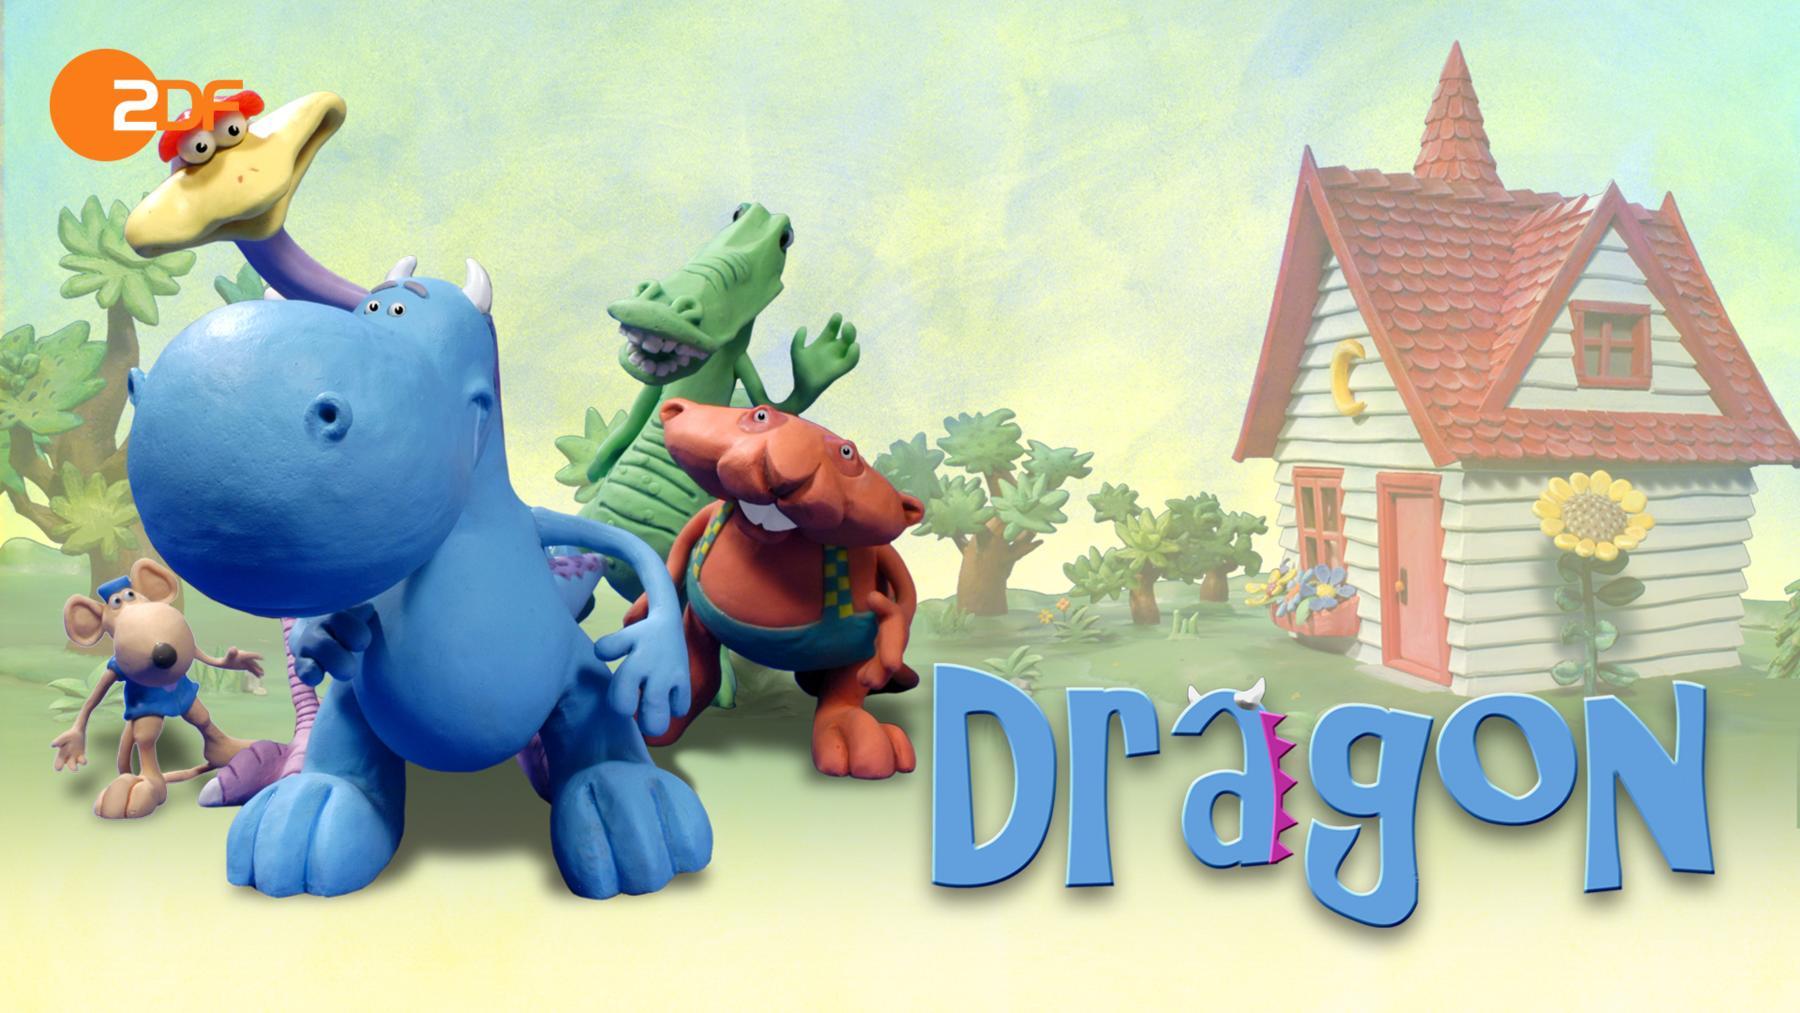 Dragon: Der kleine dicke Drache